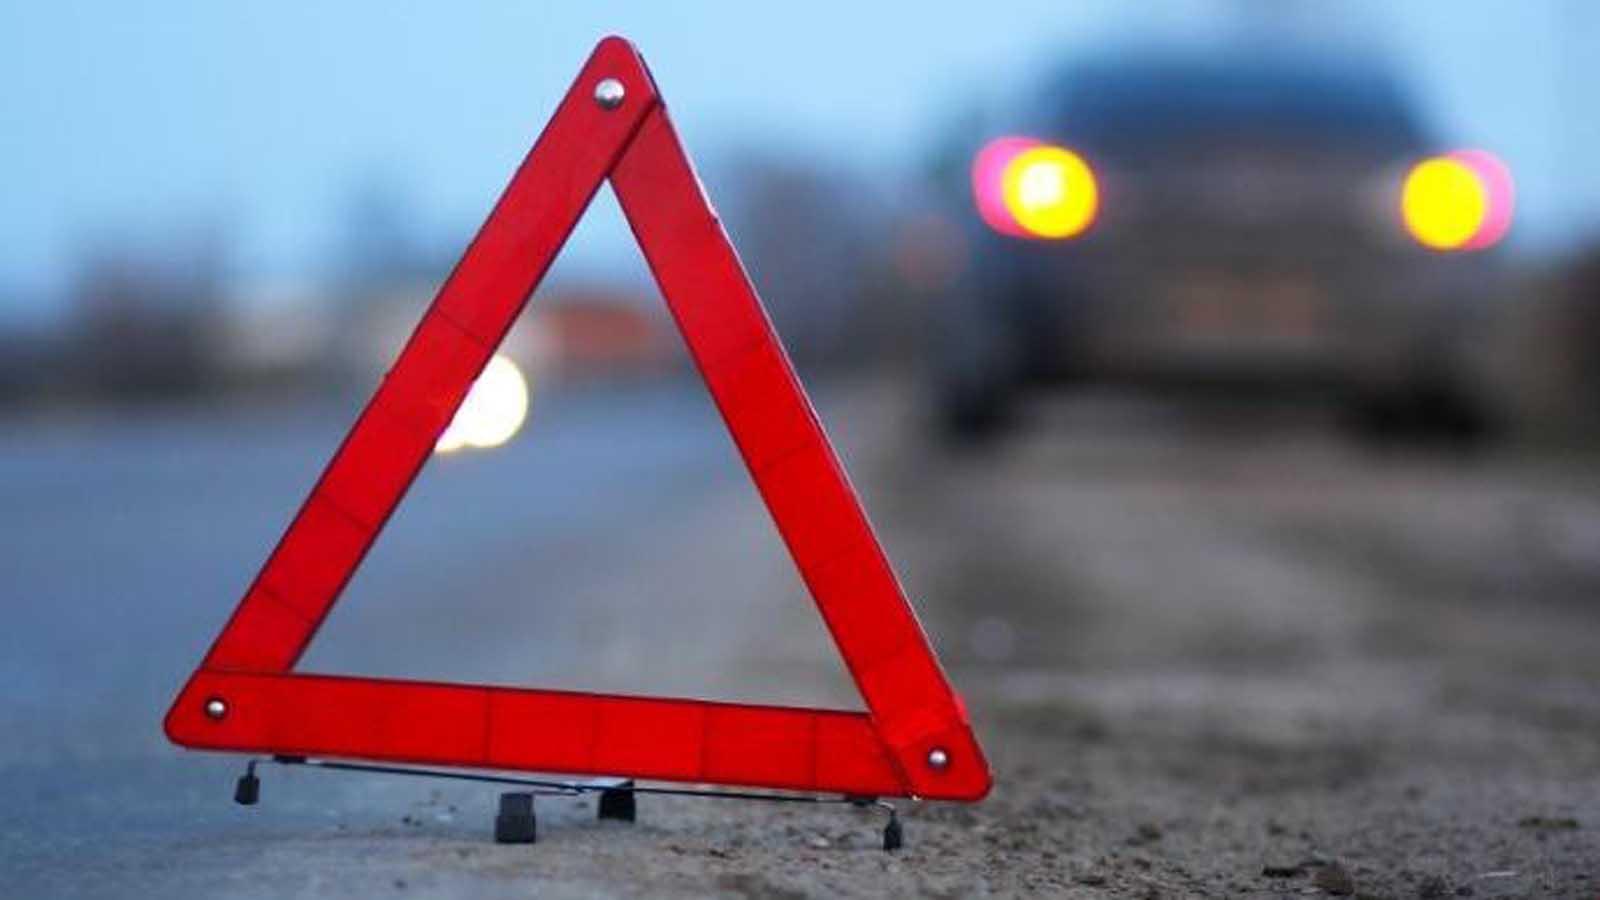 В Крыму пьяный местный житель разбил свой автомобиль, а потом заявил о его угоне